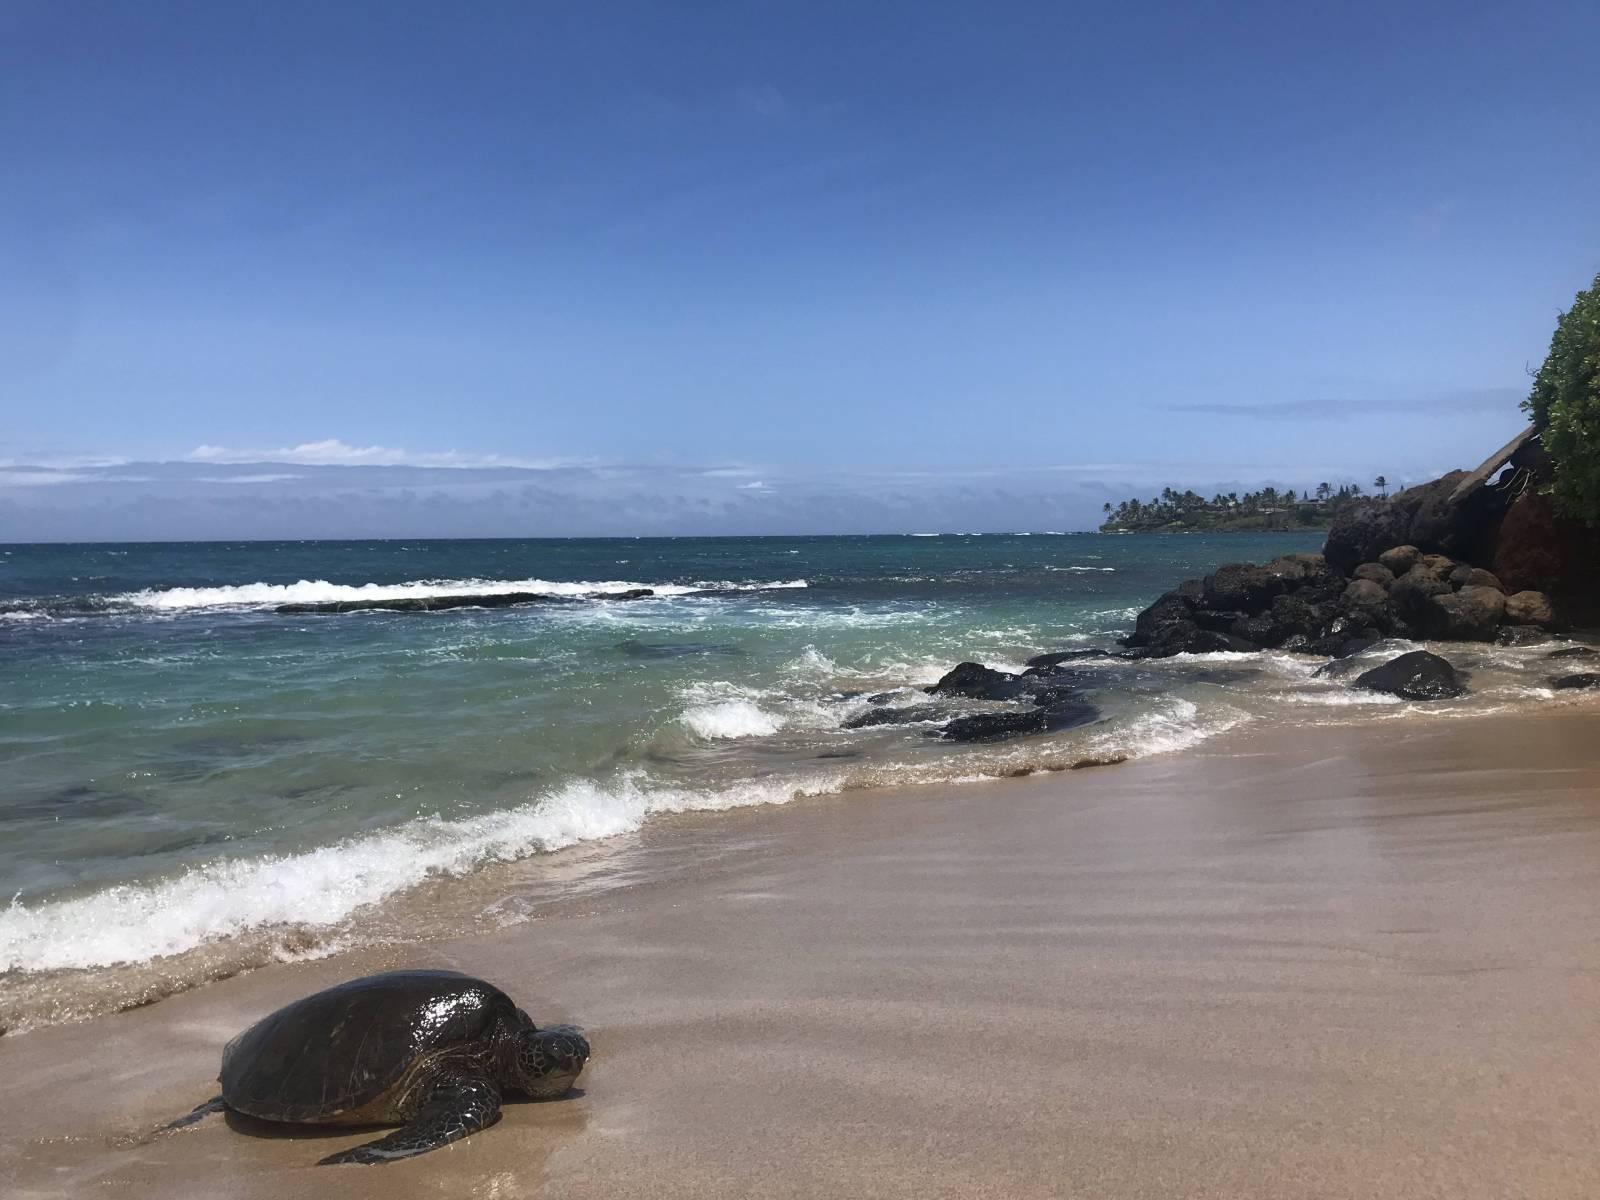 Honu at Tavares Beach